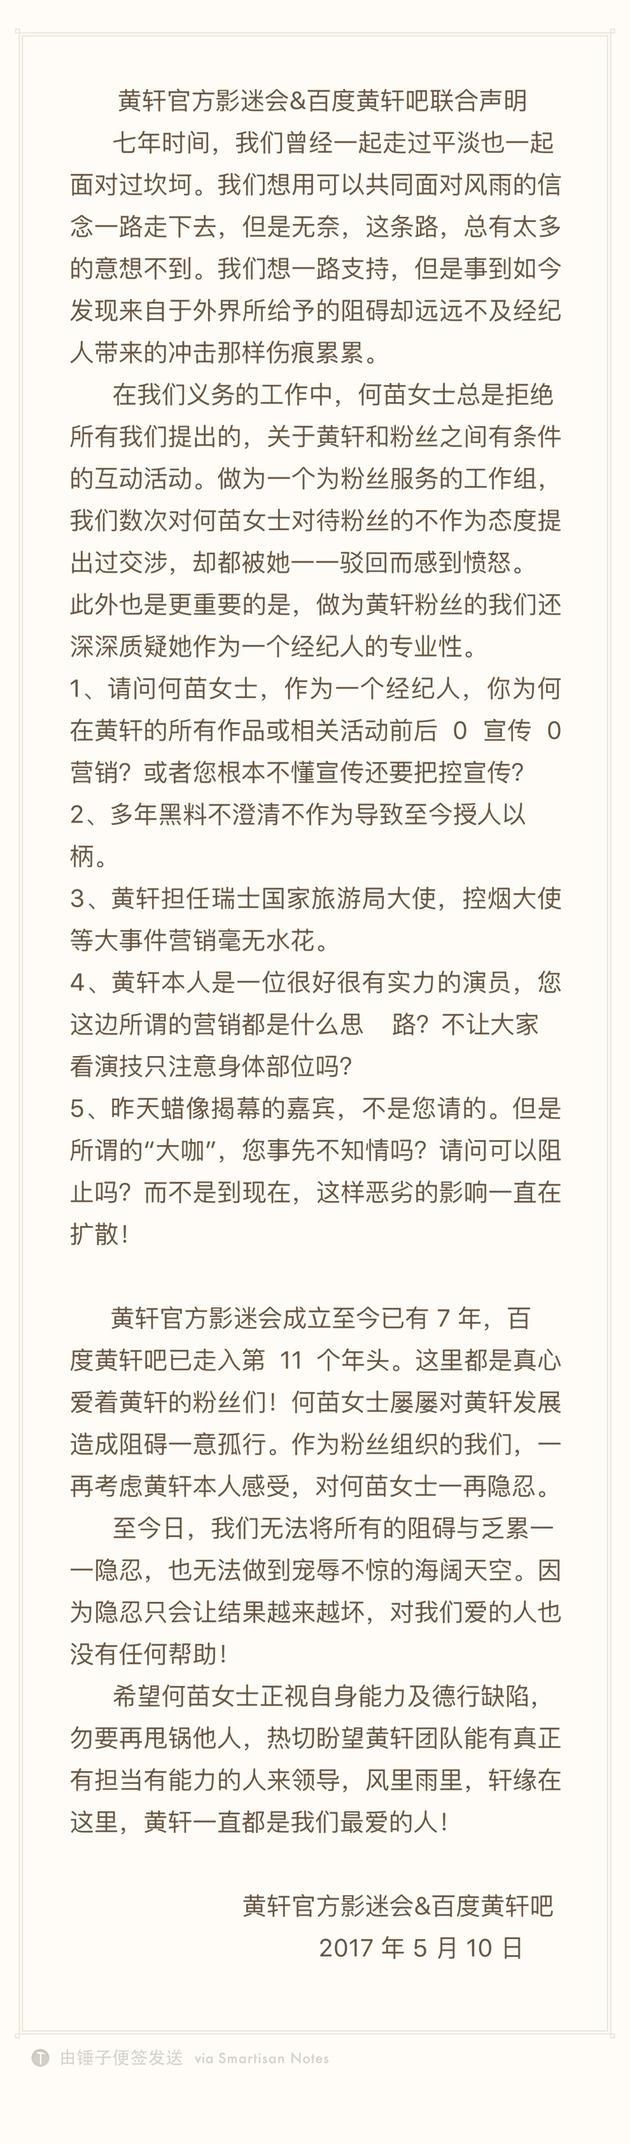 黄轩粉丝斥其经纪人失职:望有能力的人领导团队